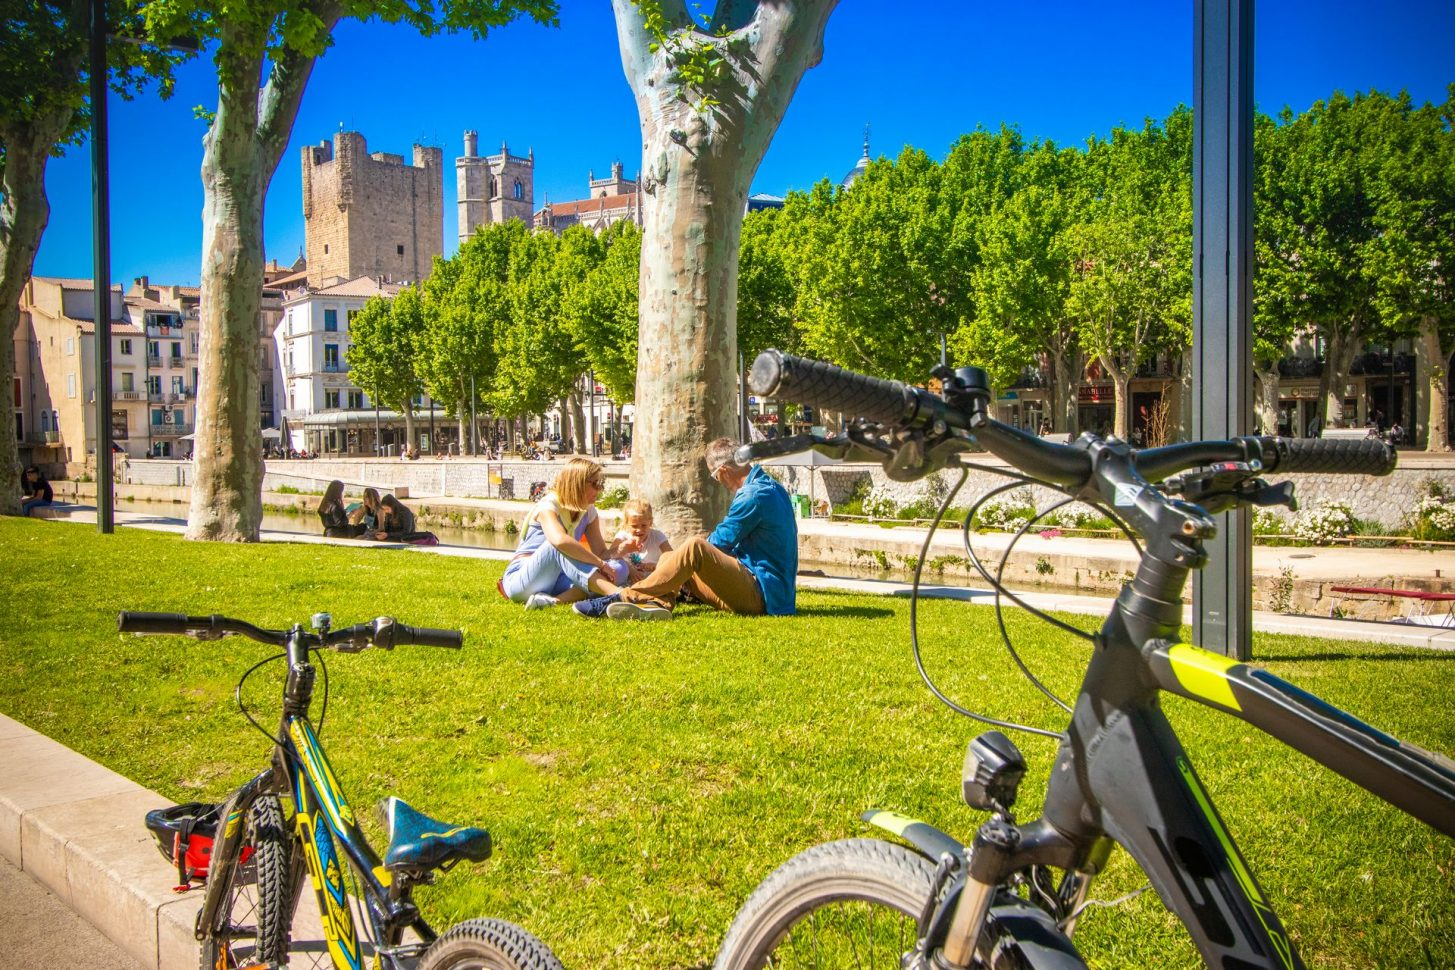 Pause en famille le long du Canal de la Robine à Narbonne© Céline Deschamps - ADT de l'Aude